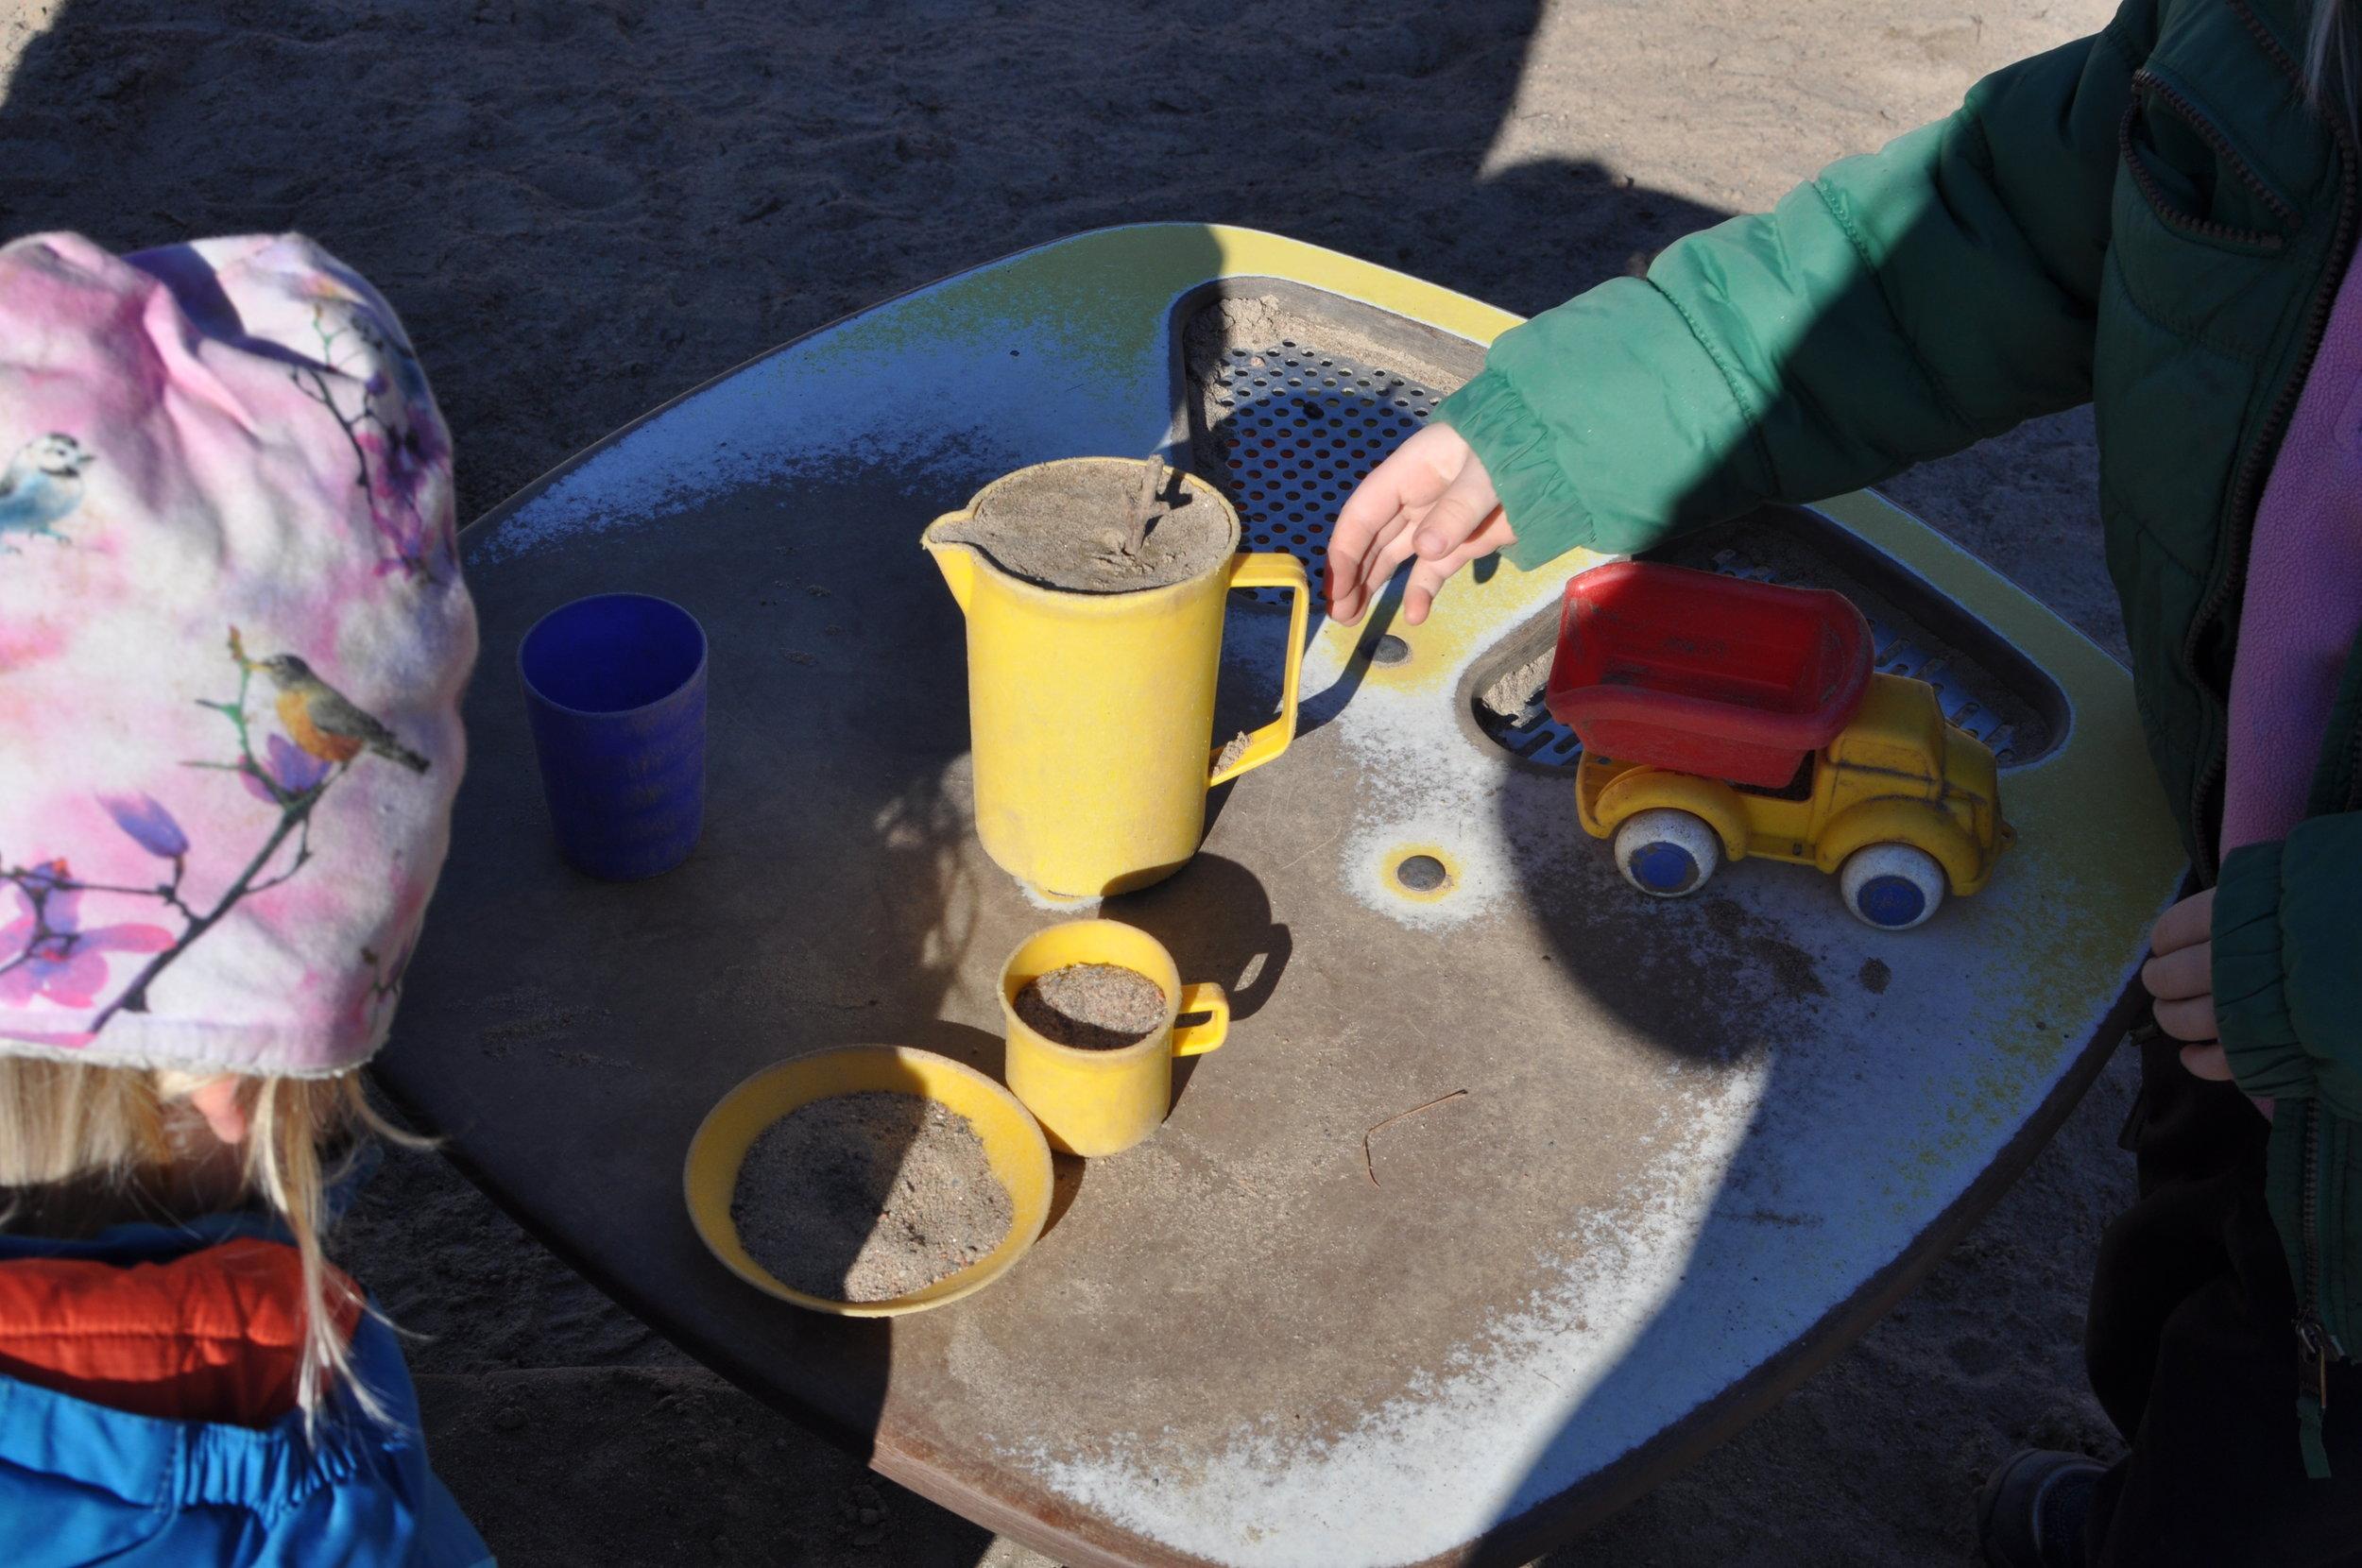 Hos Skeppsskorporna får du - · Insyn och delaktighet i ditt barns vardag· Nära kontakt med barngrupp, föräldrar och personal· Möjlighet att vid föreningens möten påverka de beslut som fattas· Tillgång till barnomsorg med hög kvalitet